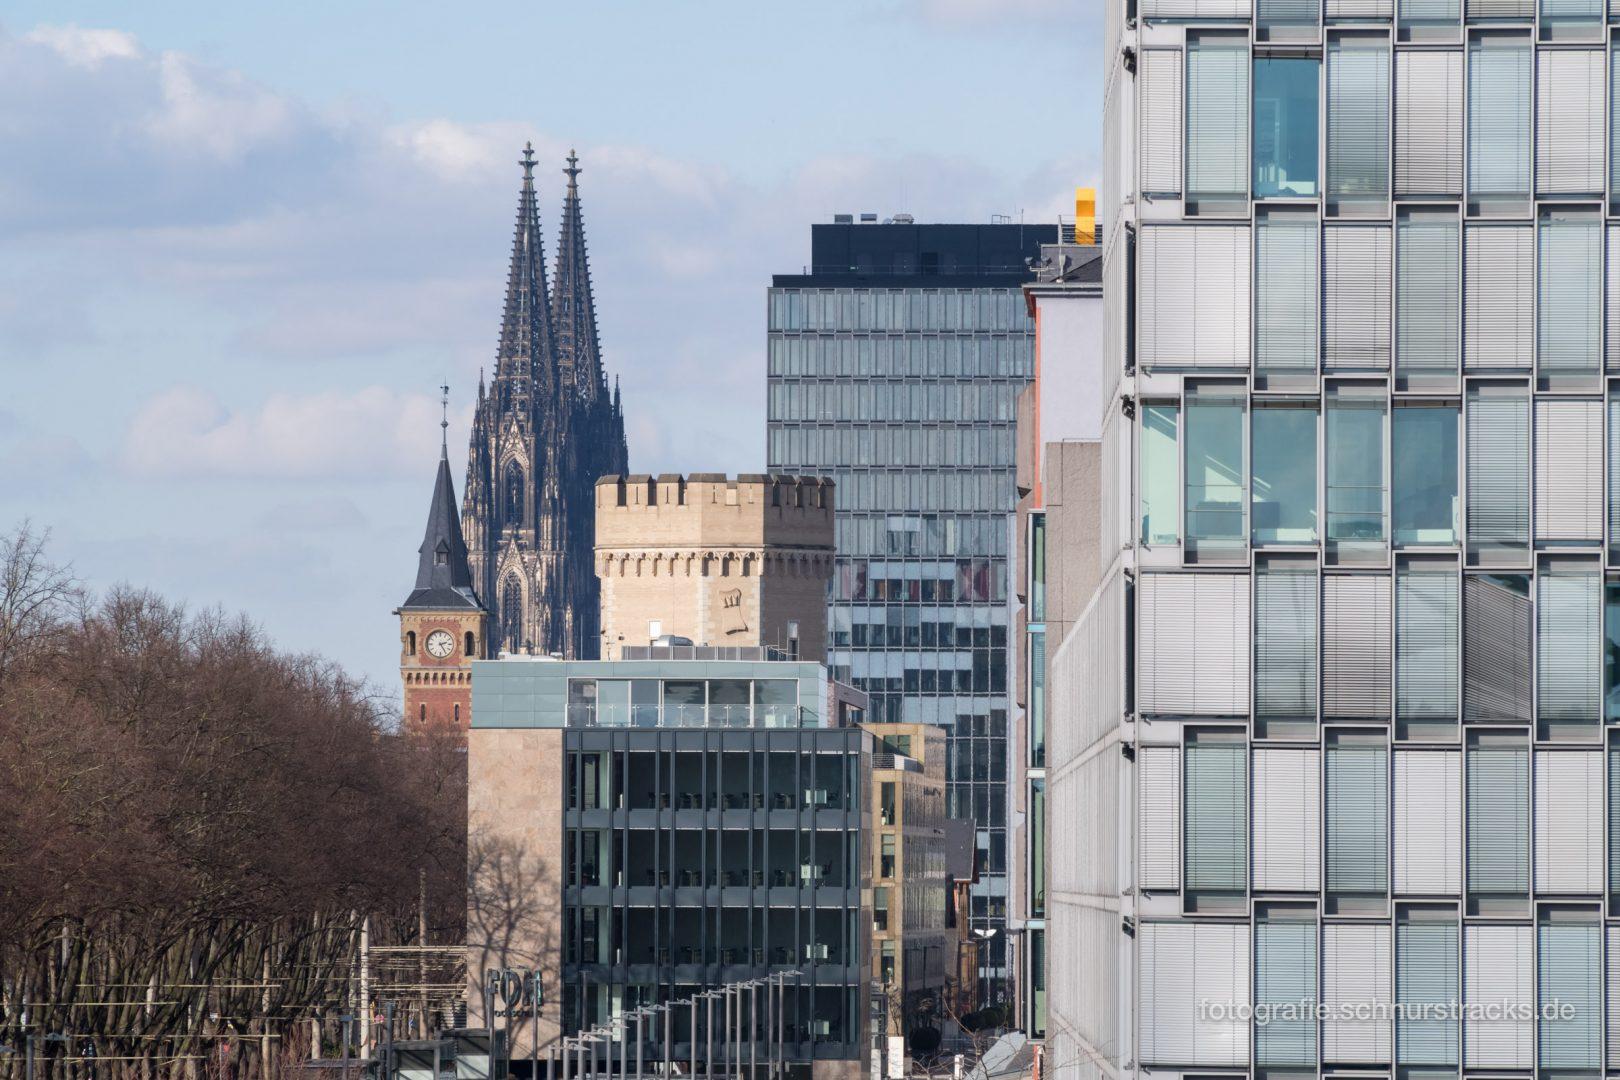 Rheinauhafen Architektur #1011